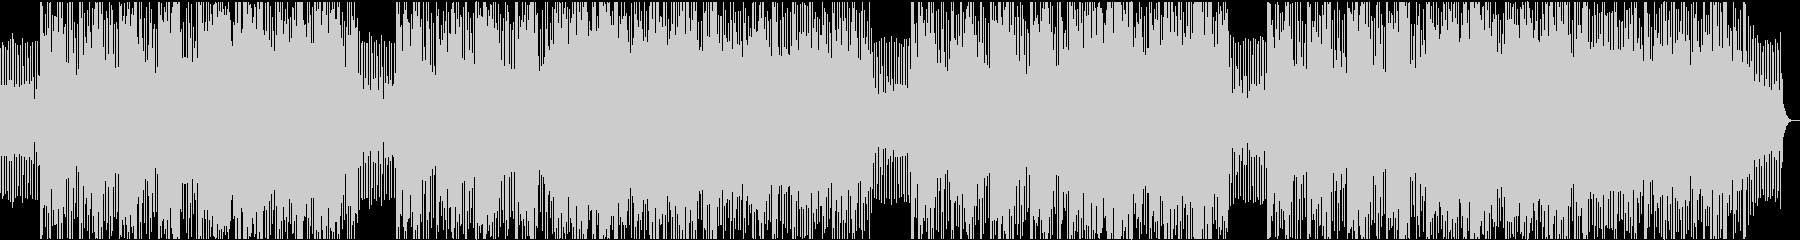 企業VP24 16bit44kHzVerの未再生の波形